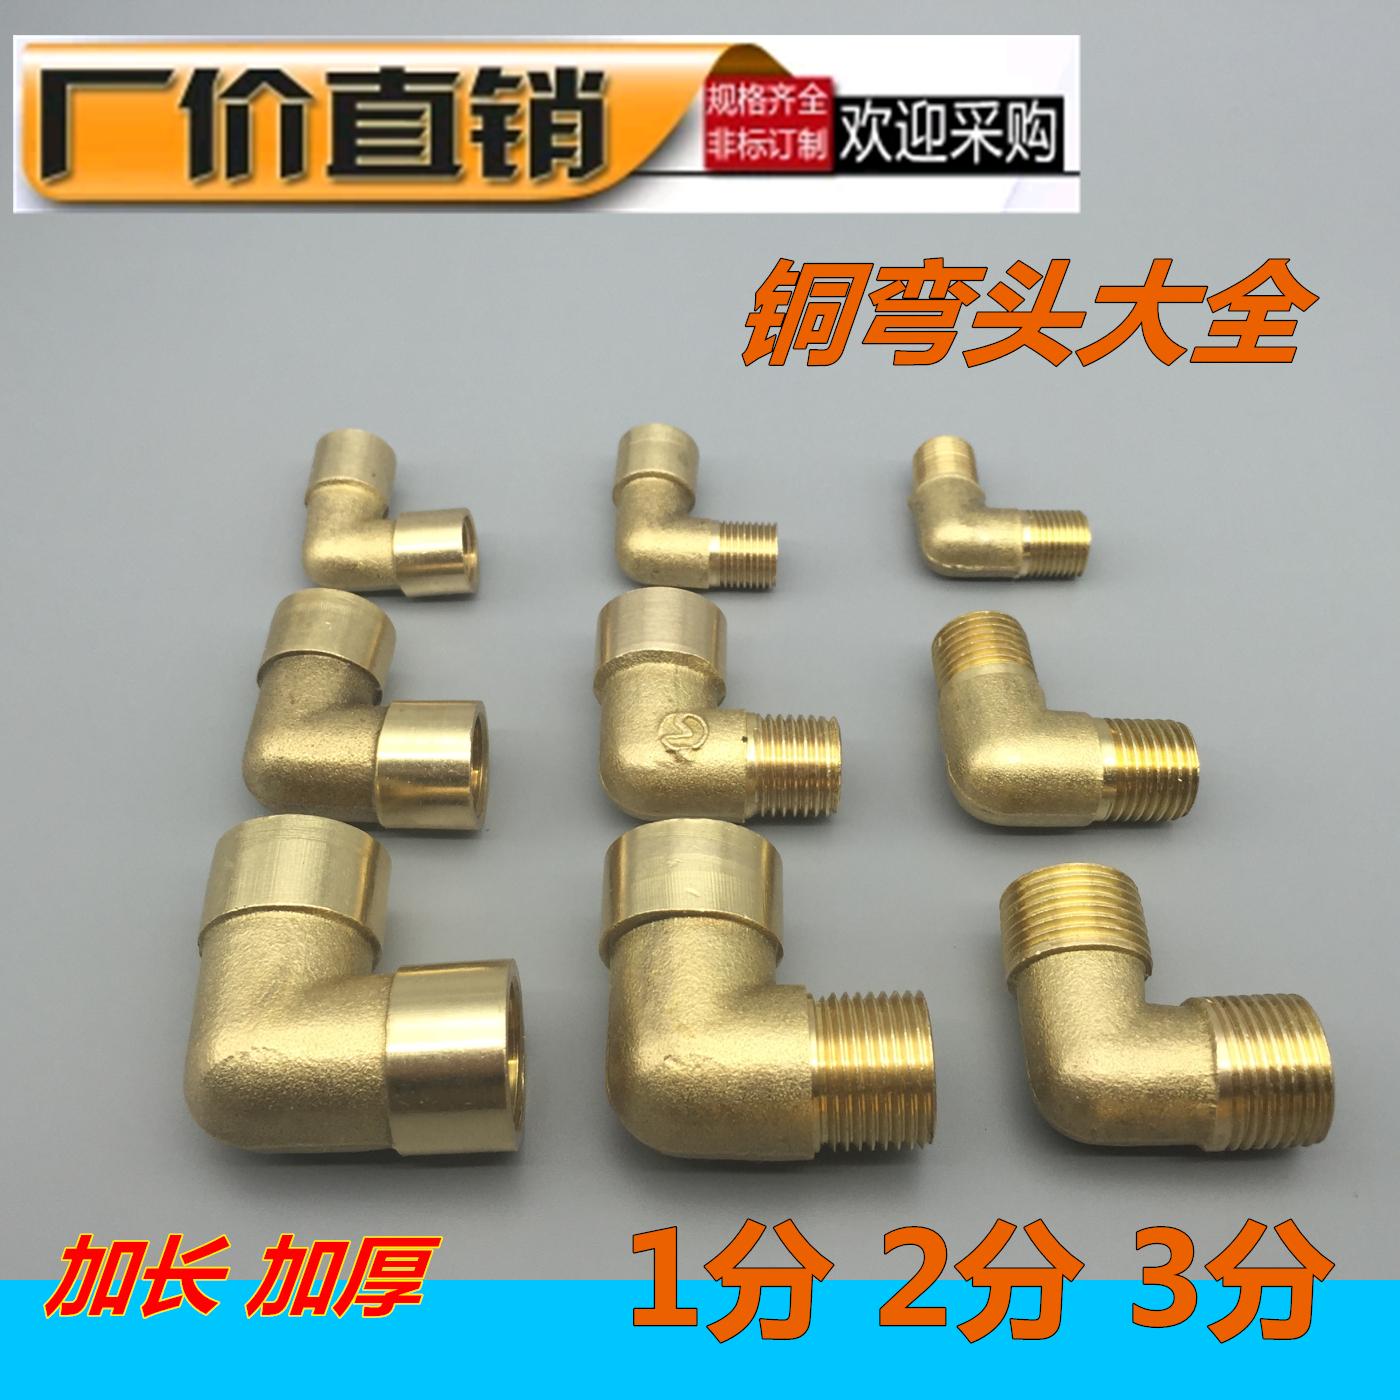 铜弯头1分2分3分双内丝内外丝铜接头 加长加厚 90度弯头水暖管件